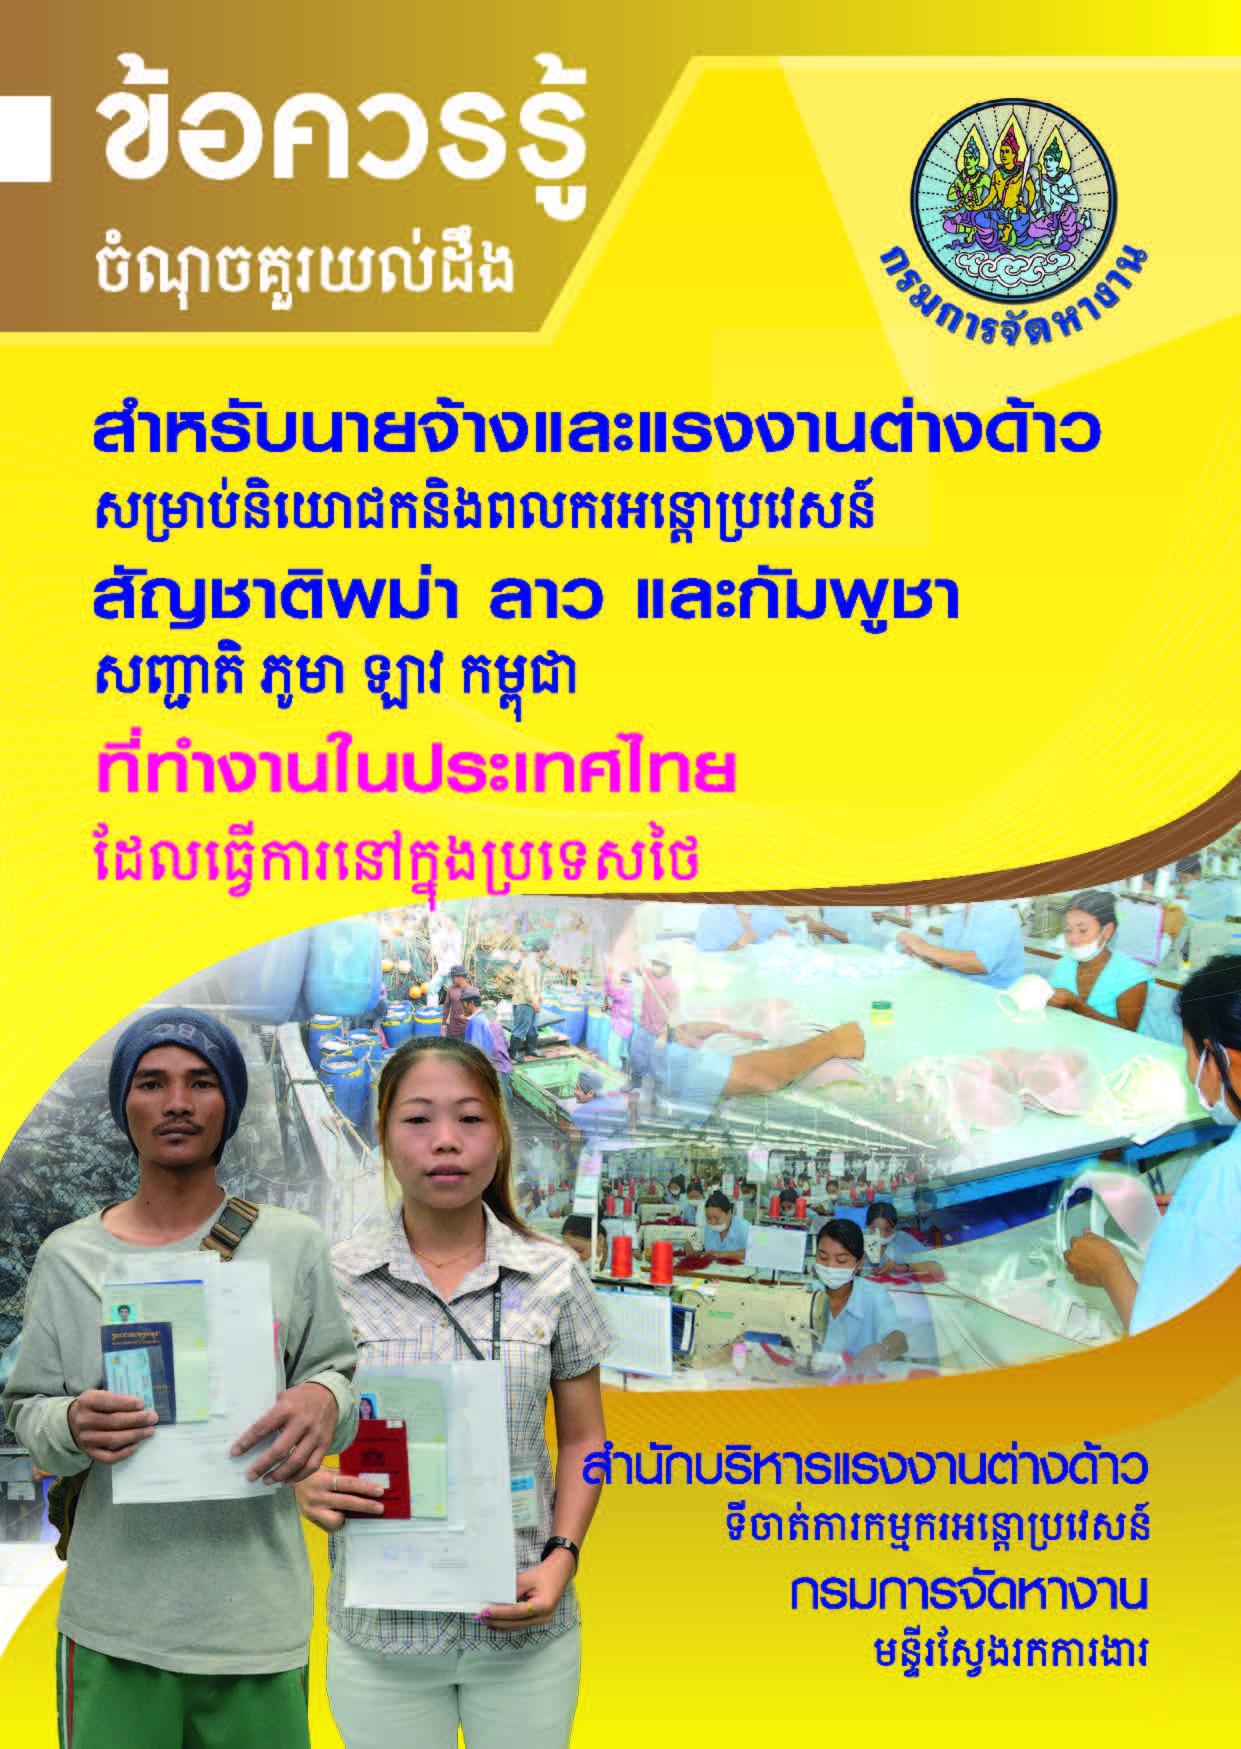 ข้อควรรู้สำหรับแรงงานต่างด้าว ภาษากัมพูชา